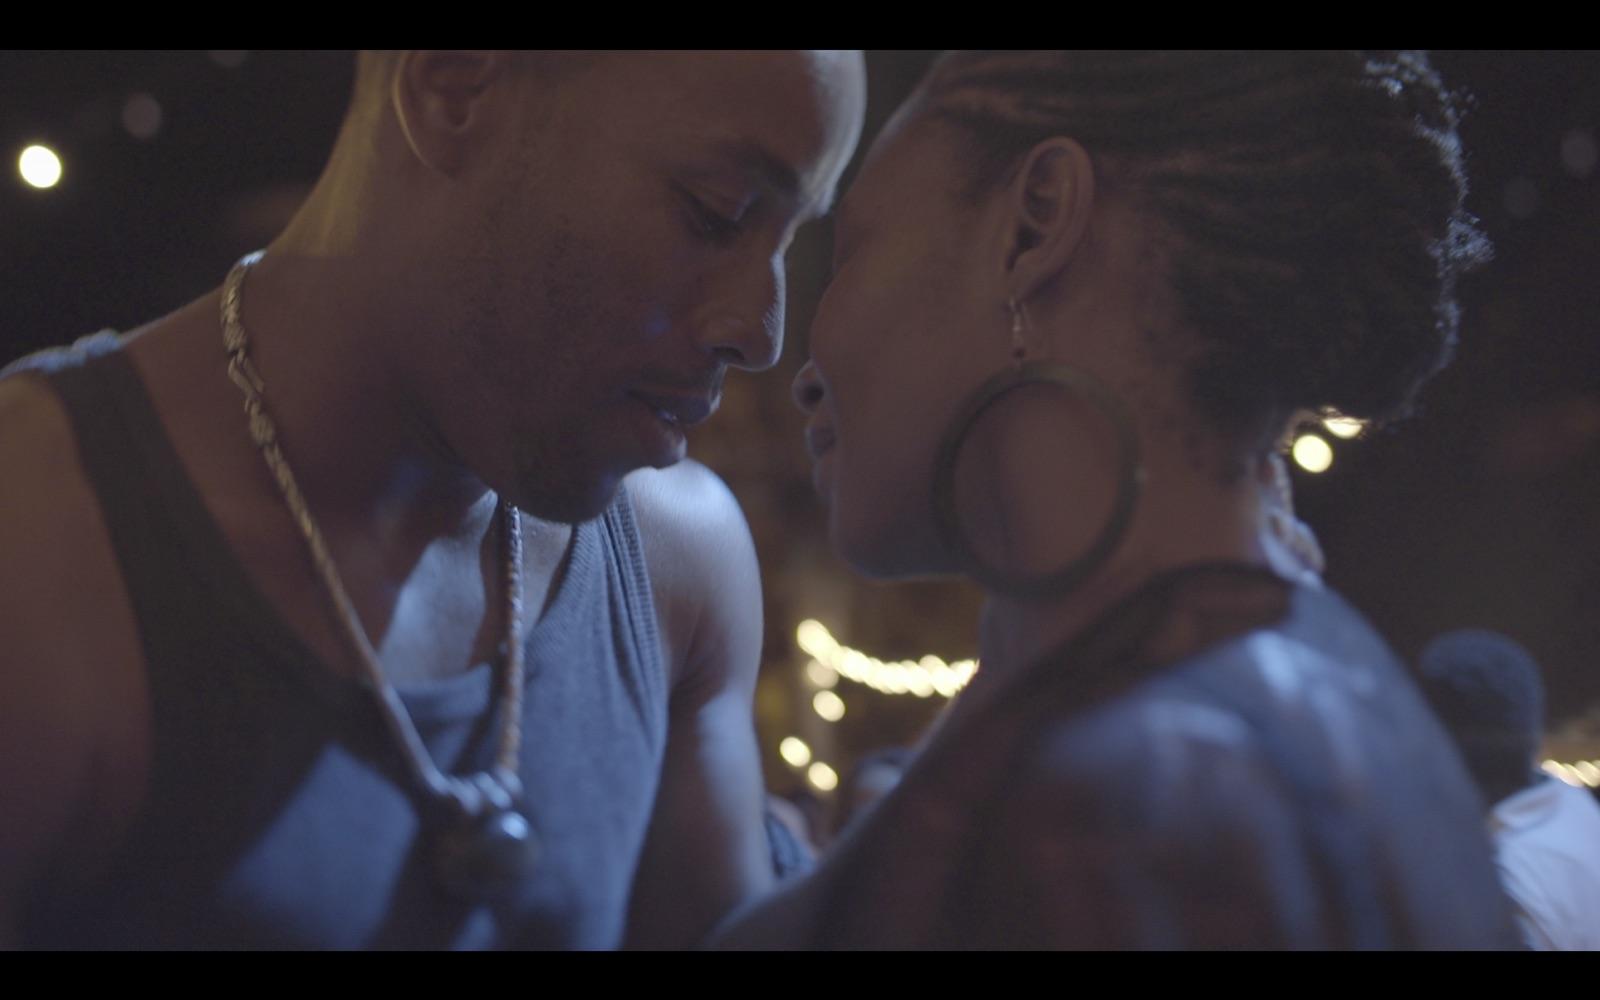 gay dating south africa citas un ejército chico